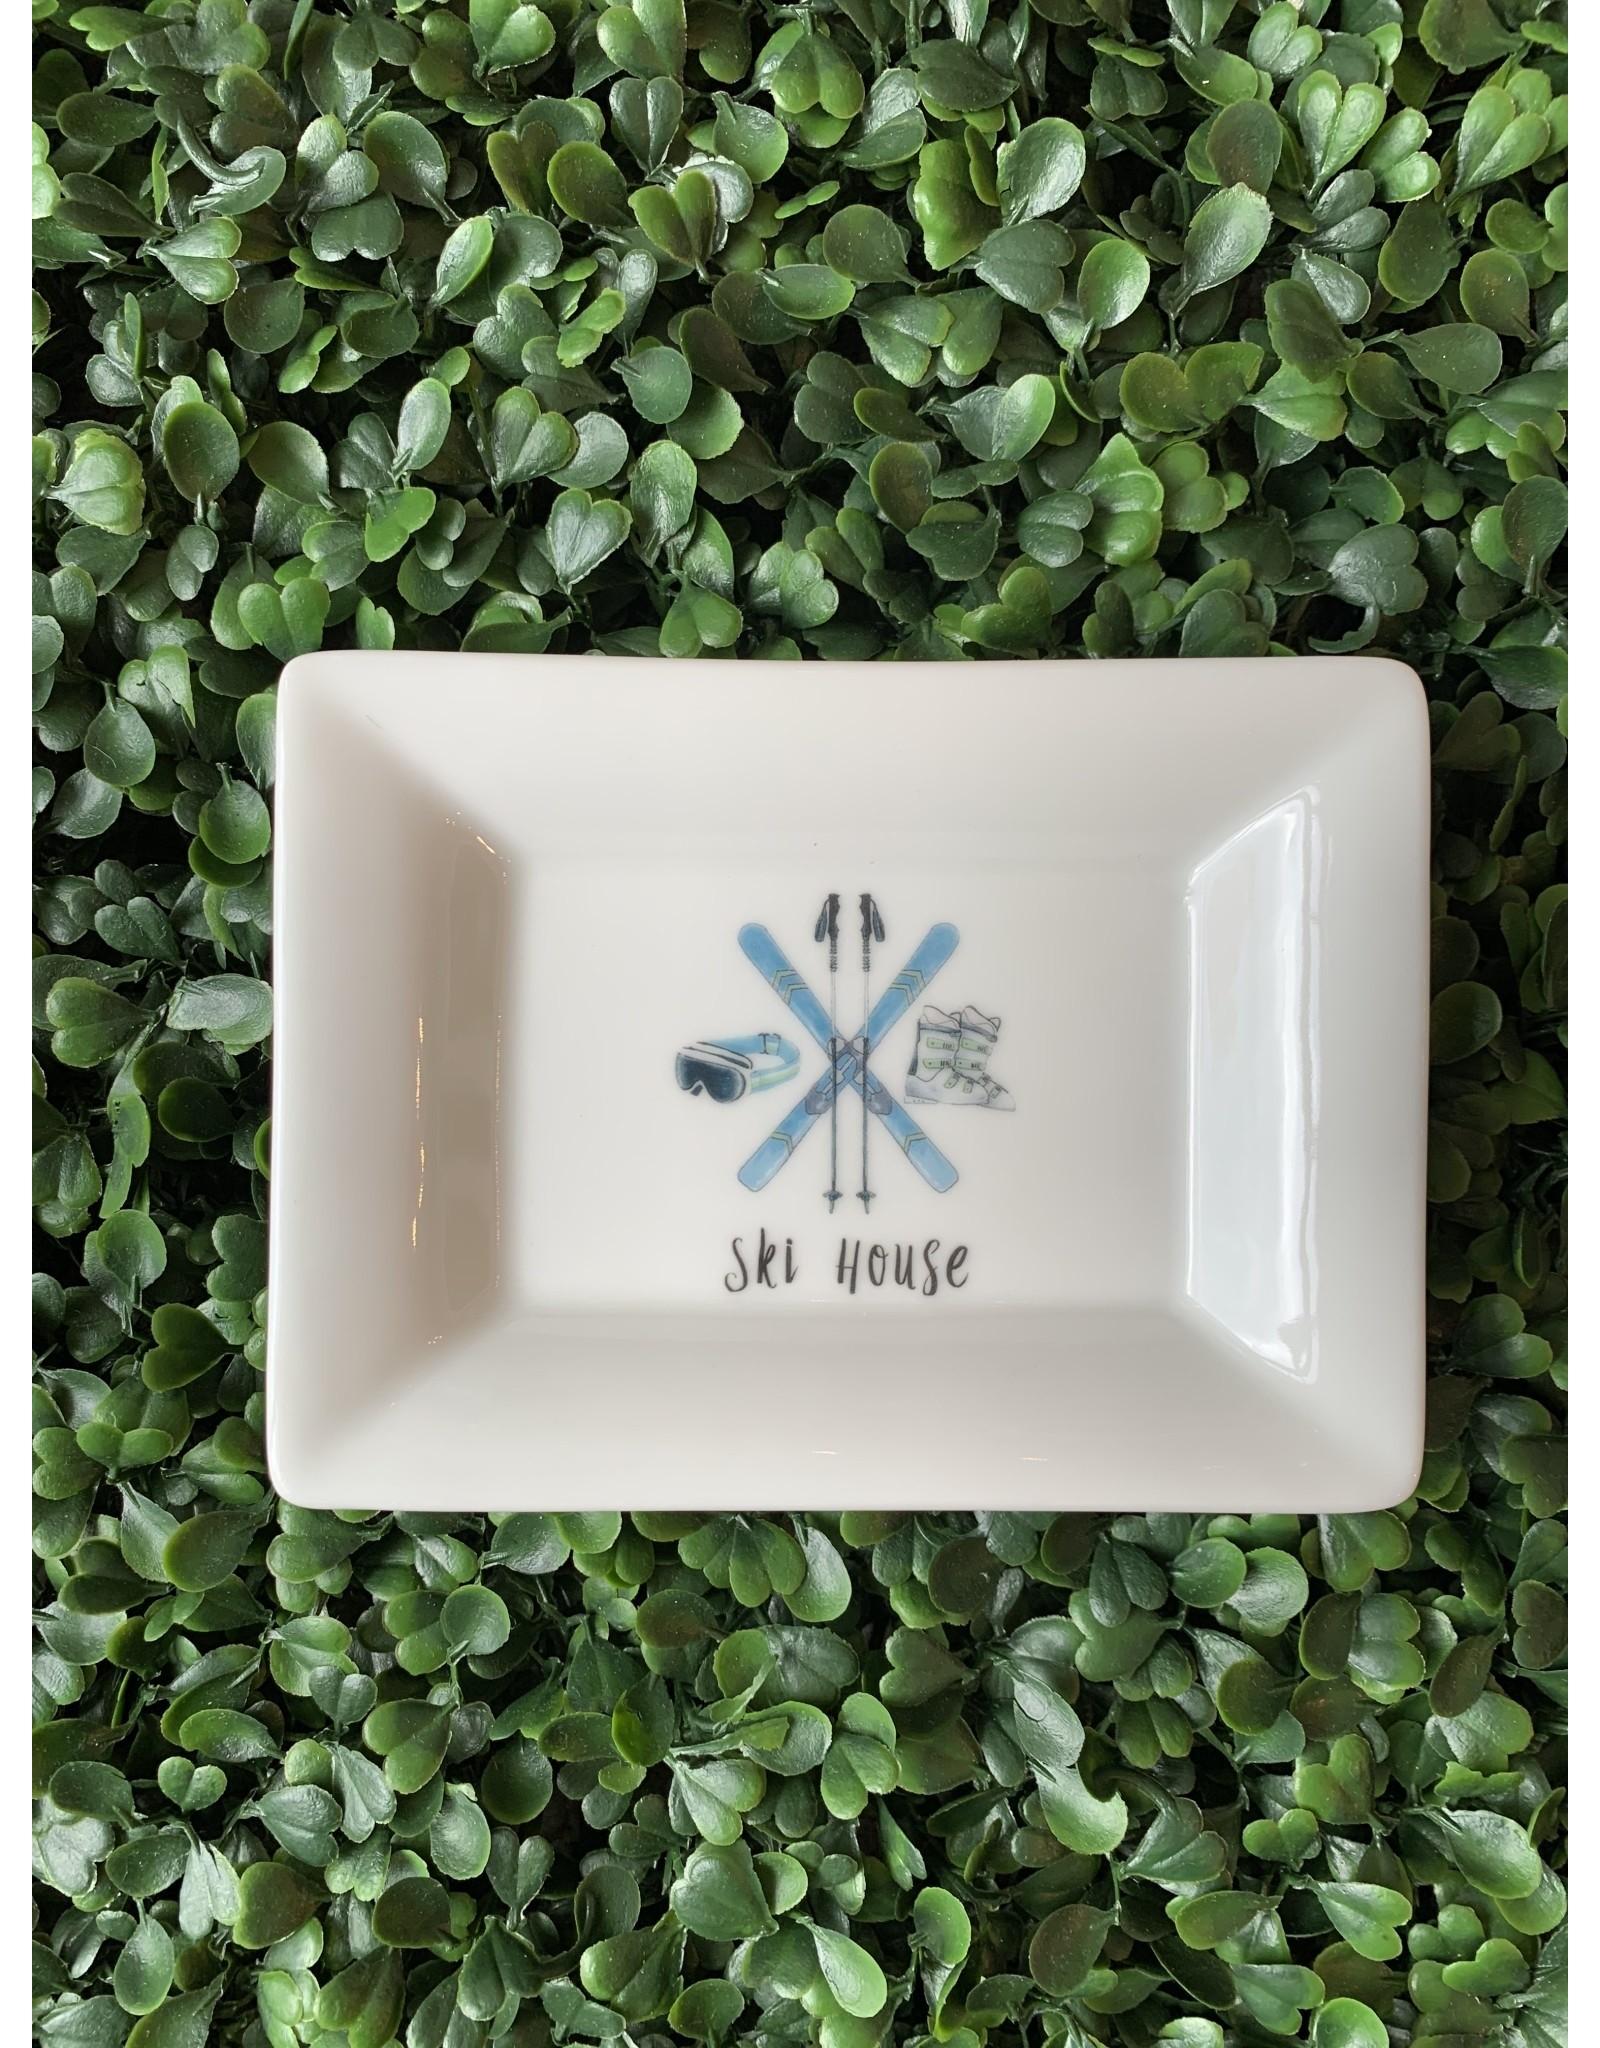 Dishique Ski House Mini Dish